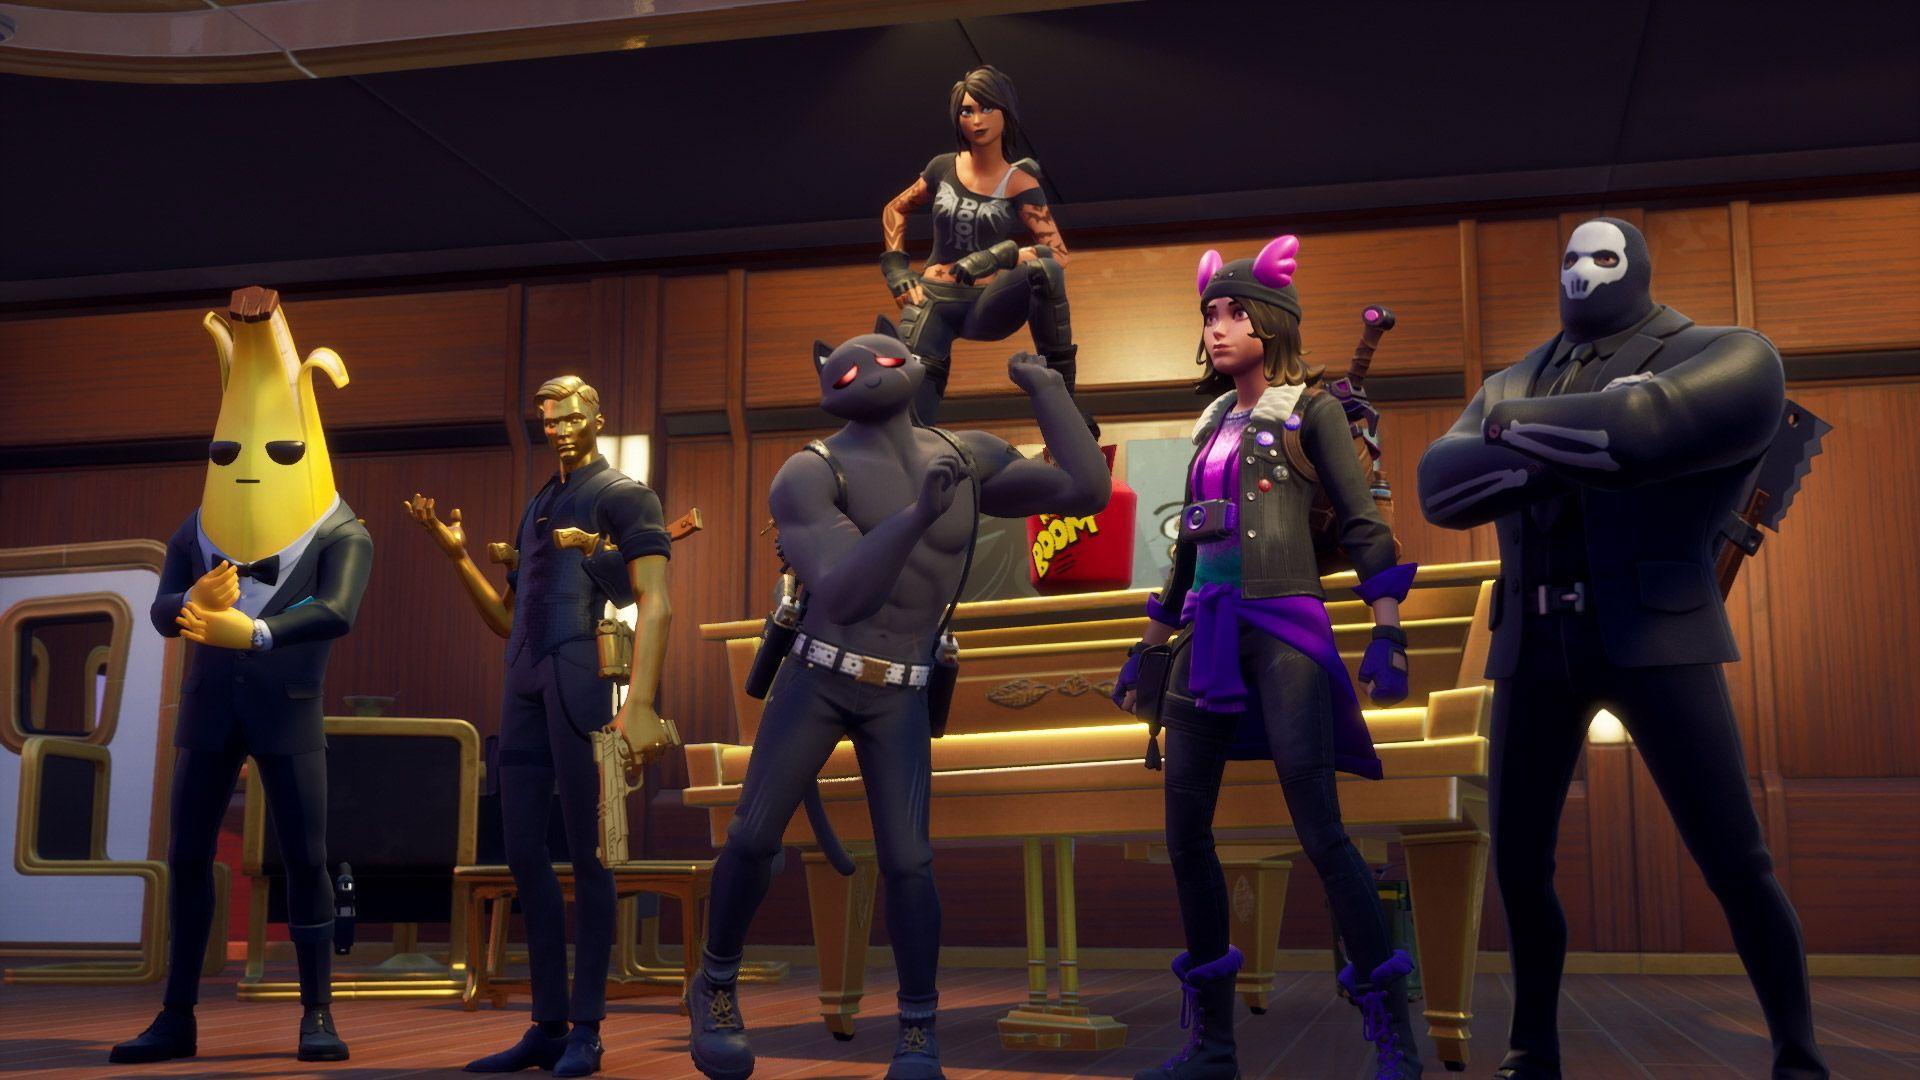 Fortnite Saison 2 Epic Games agents